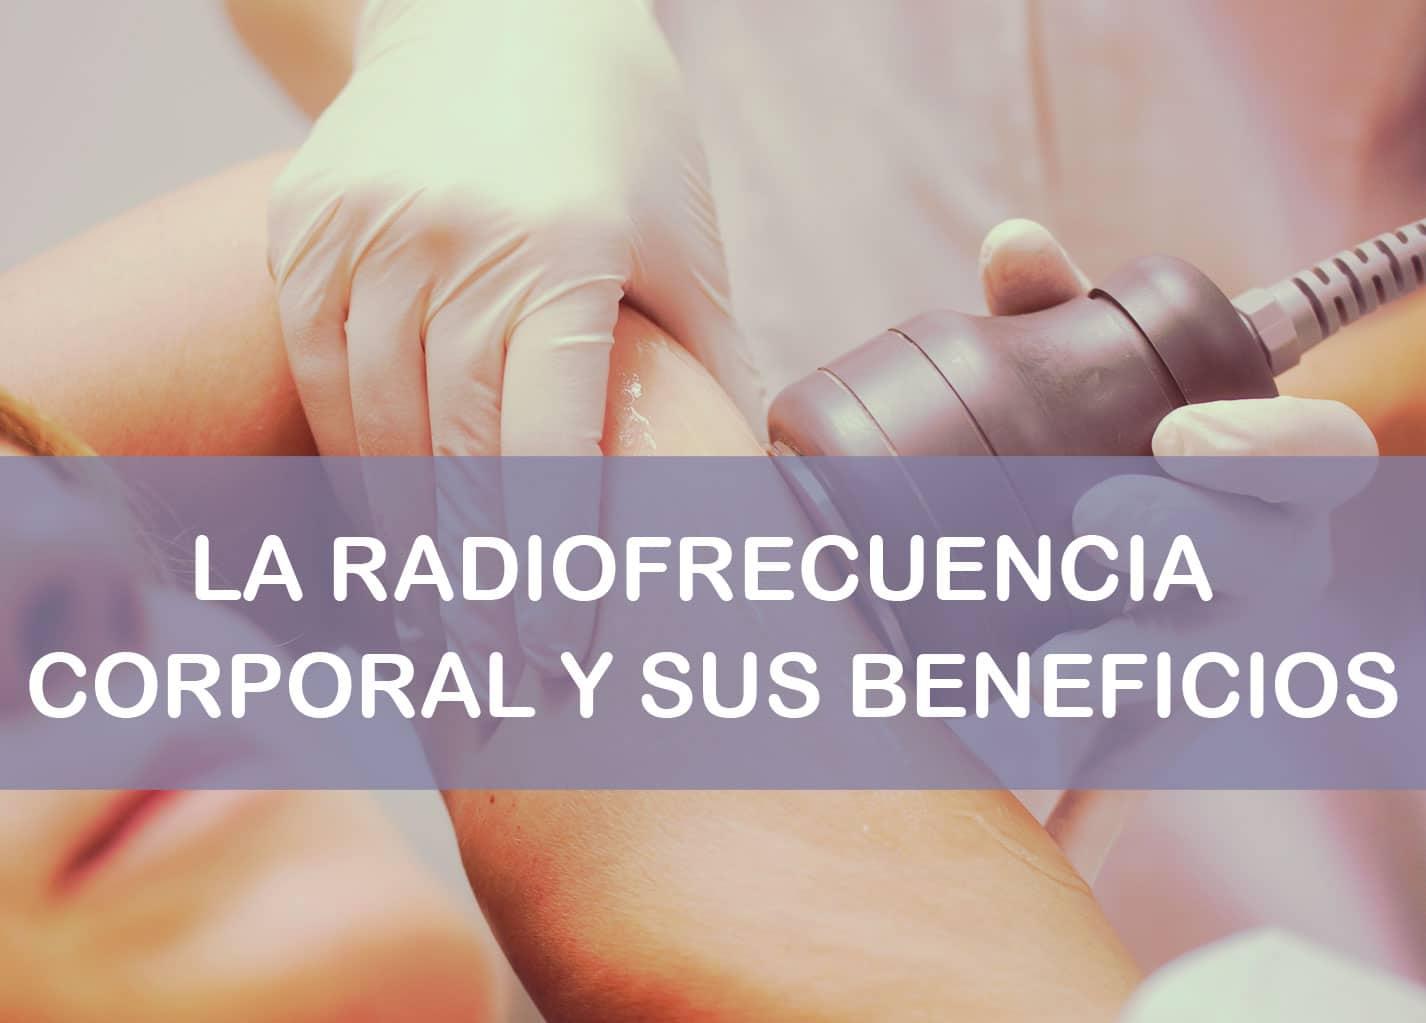 Qué beneficios tiene la radiofrecuencia corporal